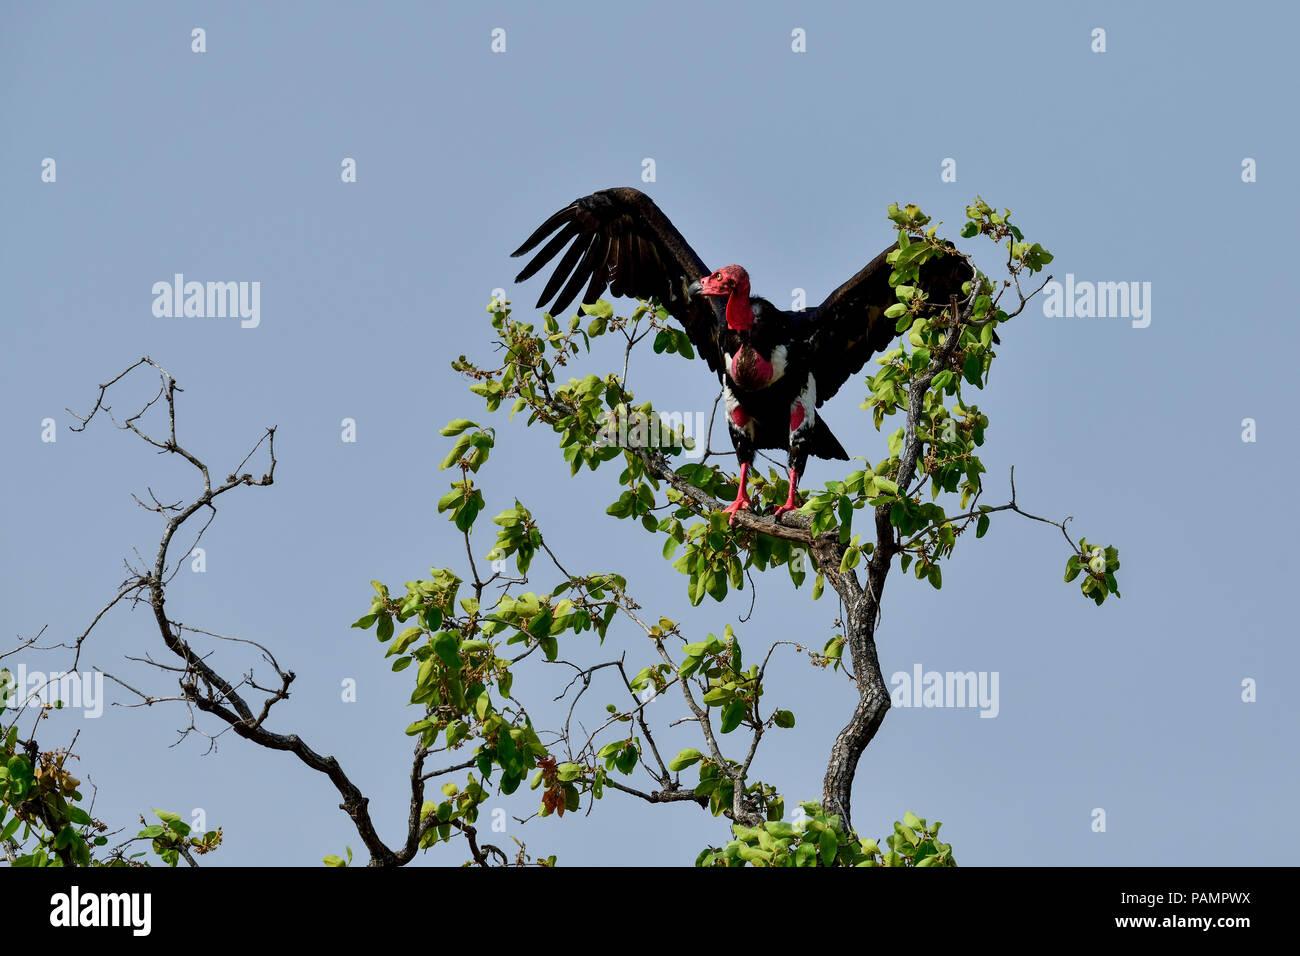 El Buitre De Cabeza Roja También Conocido Como El Zopilote Rey